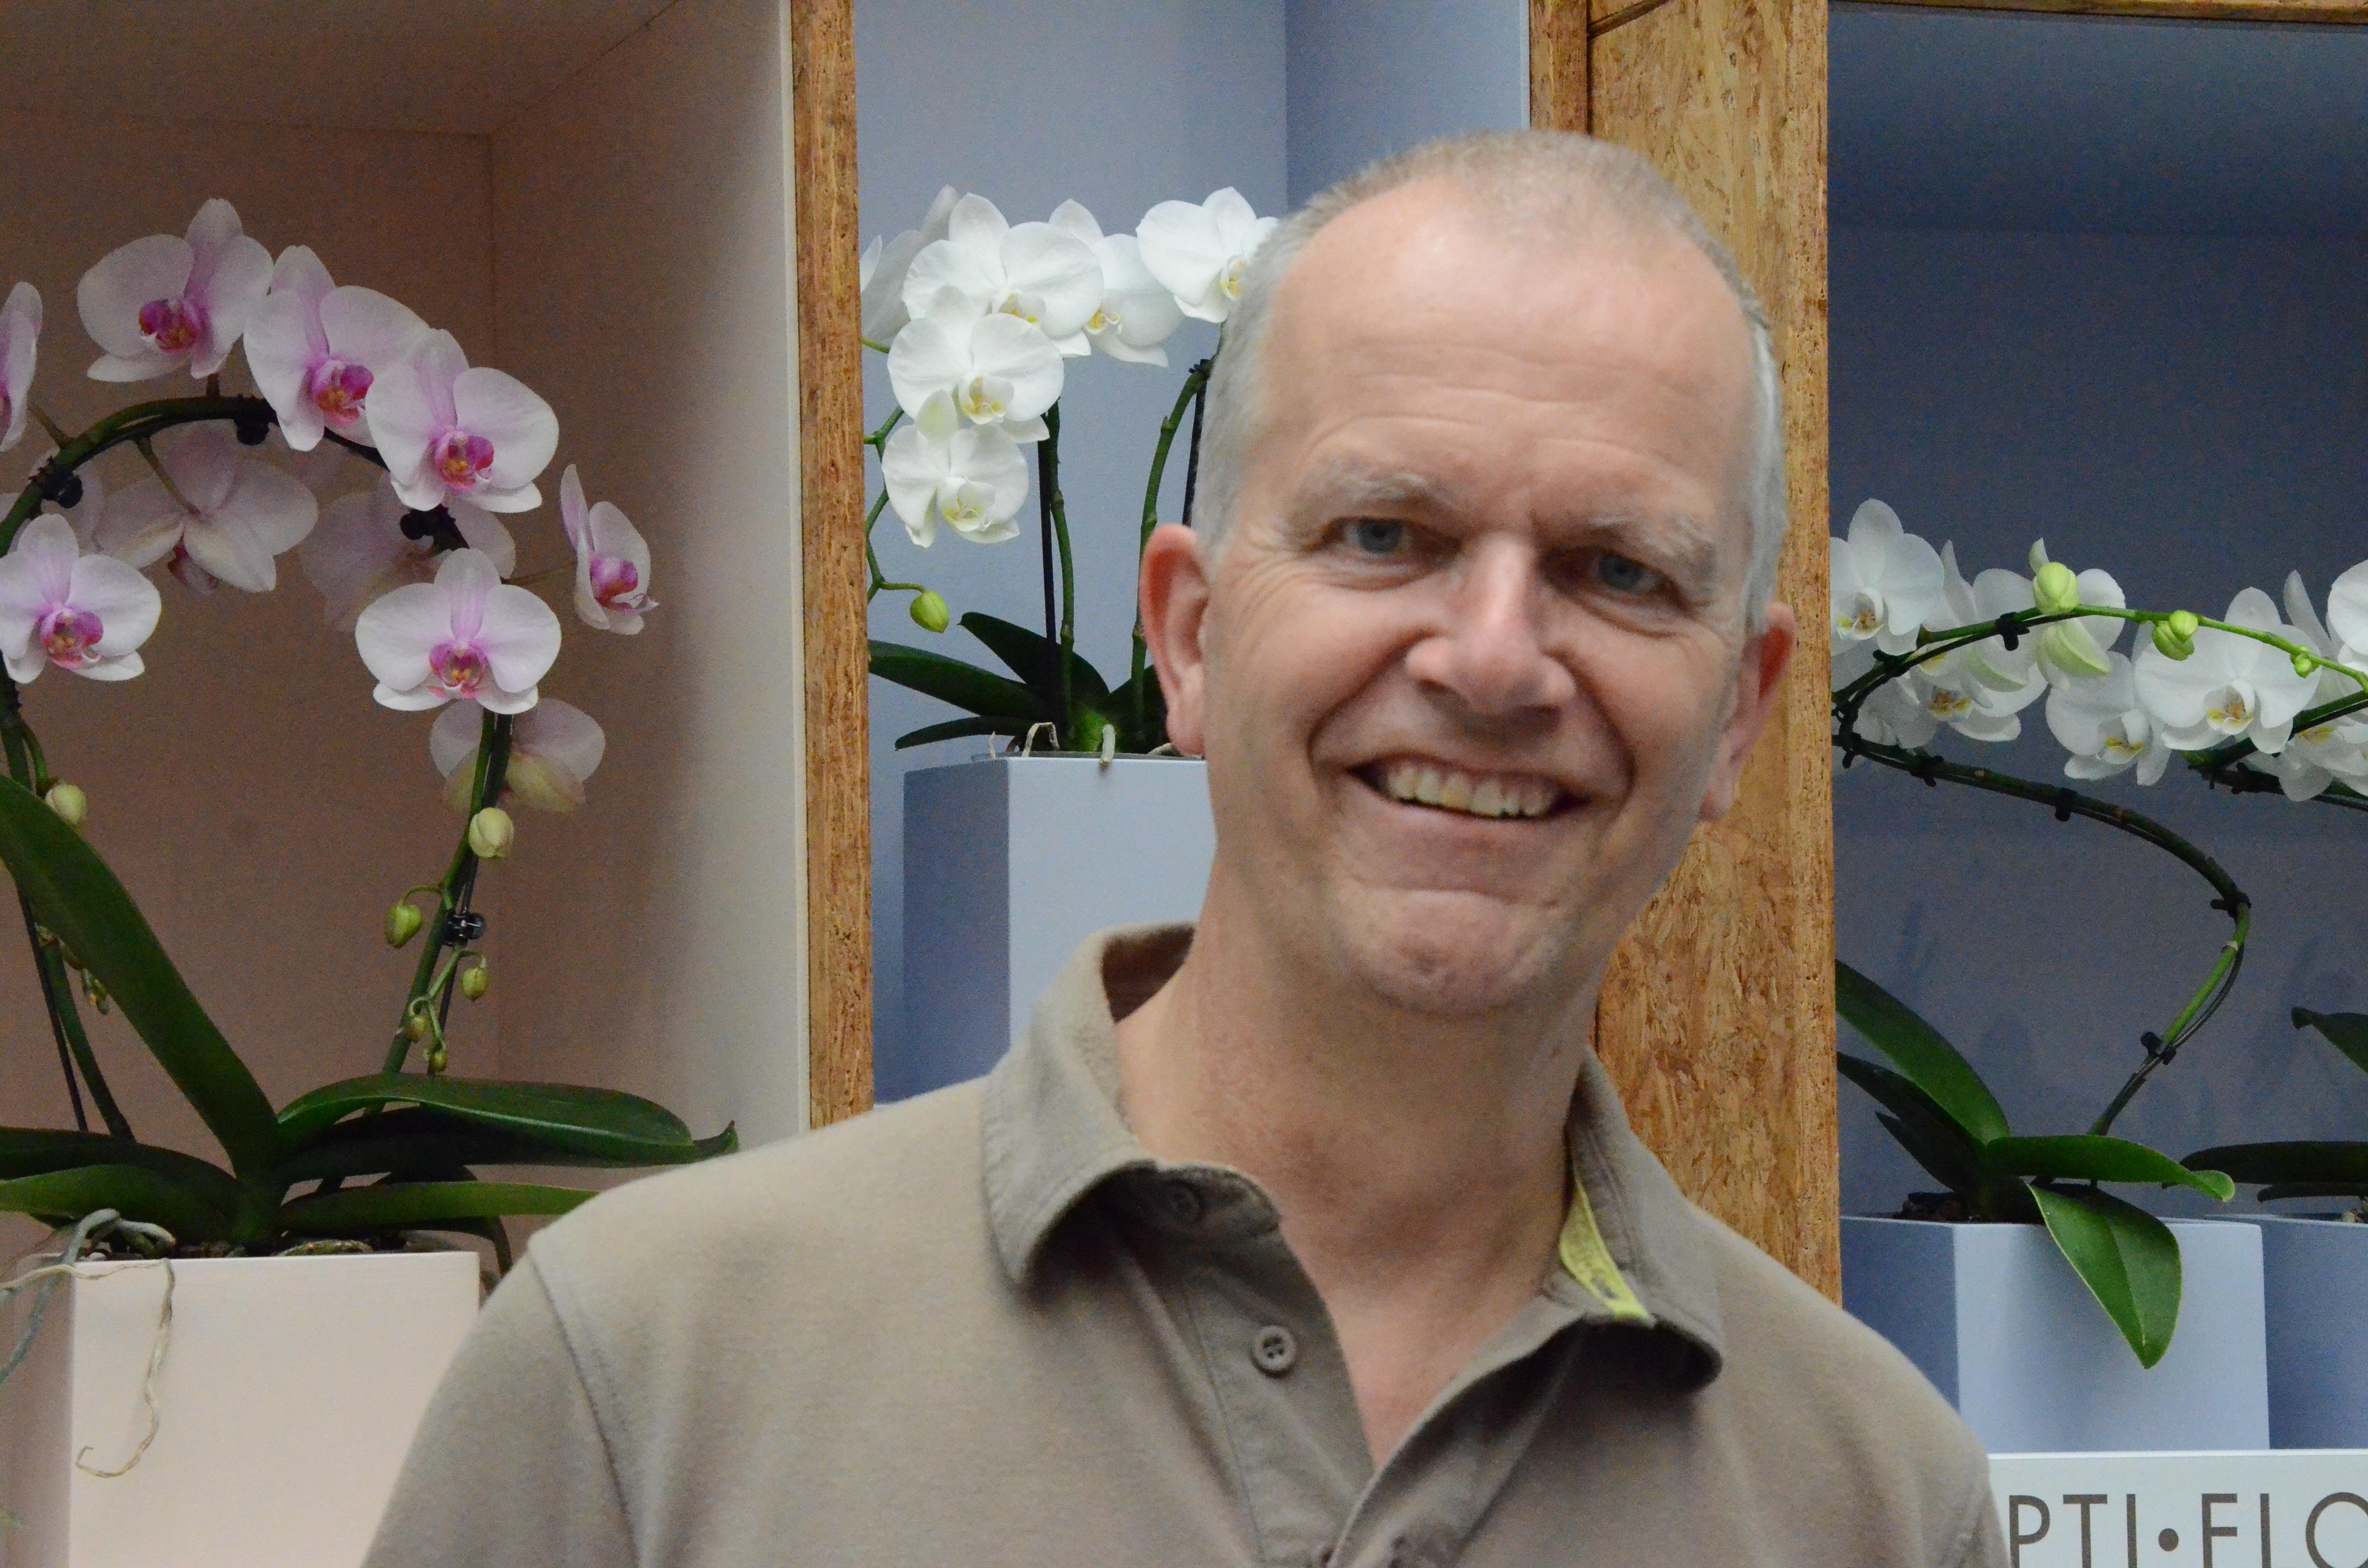 Nieuwe Opti-flor Design neemt WPS afleversysteem in gebruik